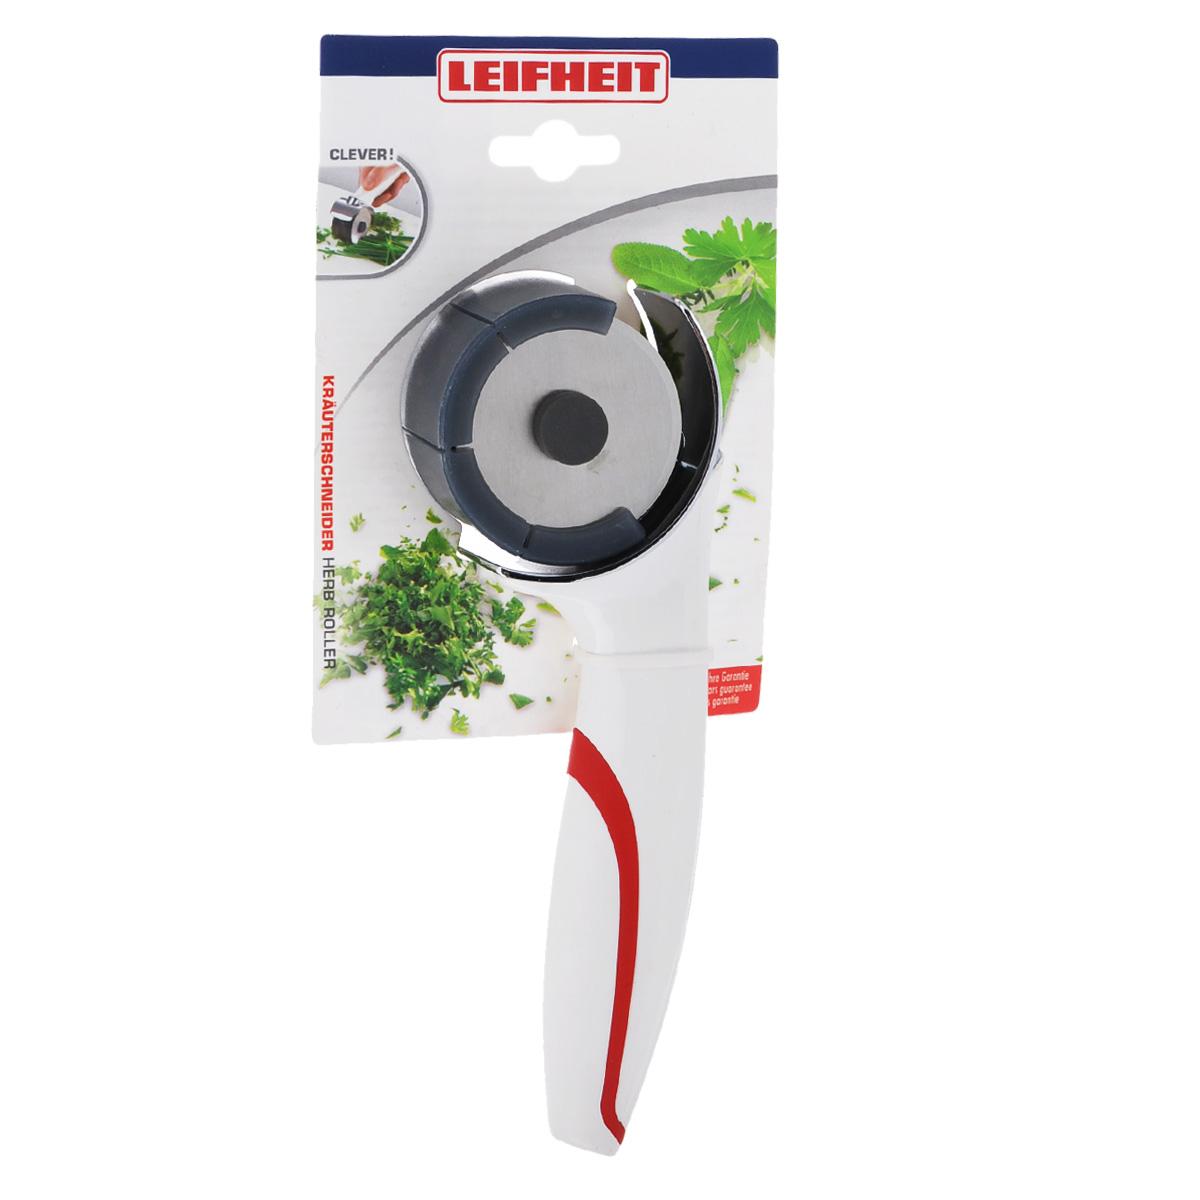 Измельчитель для зелени Leifheit Comfortline3144Измельчитель для зелени Leifheit Comfortline - это незаменимый аксессуар на любой кухне. Ручка изготовлена из высокопрочного пластика белого цвета с резиновыми вставками, которые обеспечивают надежный хват. Четыре лезвия из специальной стали режут травы и зелень, не раздавливая. Прибор очень легко использовать. Положите зелень на разделочную доску и проведите по ним прибором. Зелень мелко порежется, а сам процесс не предполагает применение усилий. Измельчитель для зелени Leifheit Comfortline станет прекрасным дополнением к коллекции ваших кухонных аксессуаров. Можно мыть в посудомоечной машине. Для лезвий предусмотрена специальная пластиковая защита, которая обеспечивает безопасное хранение.